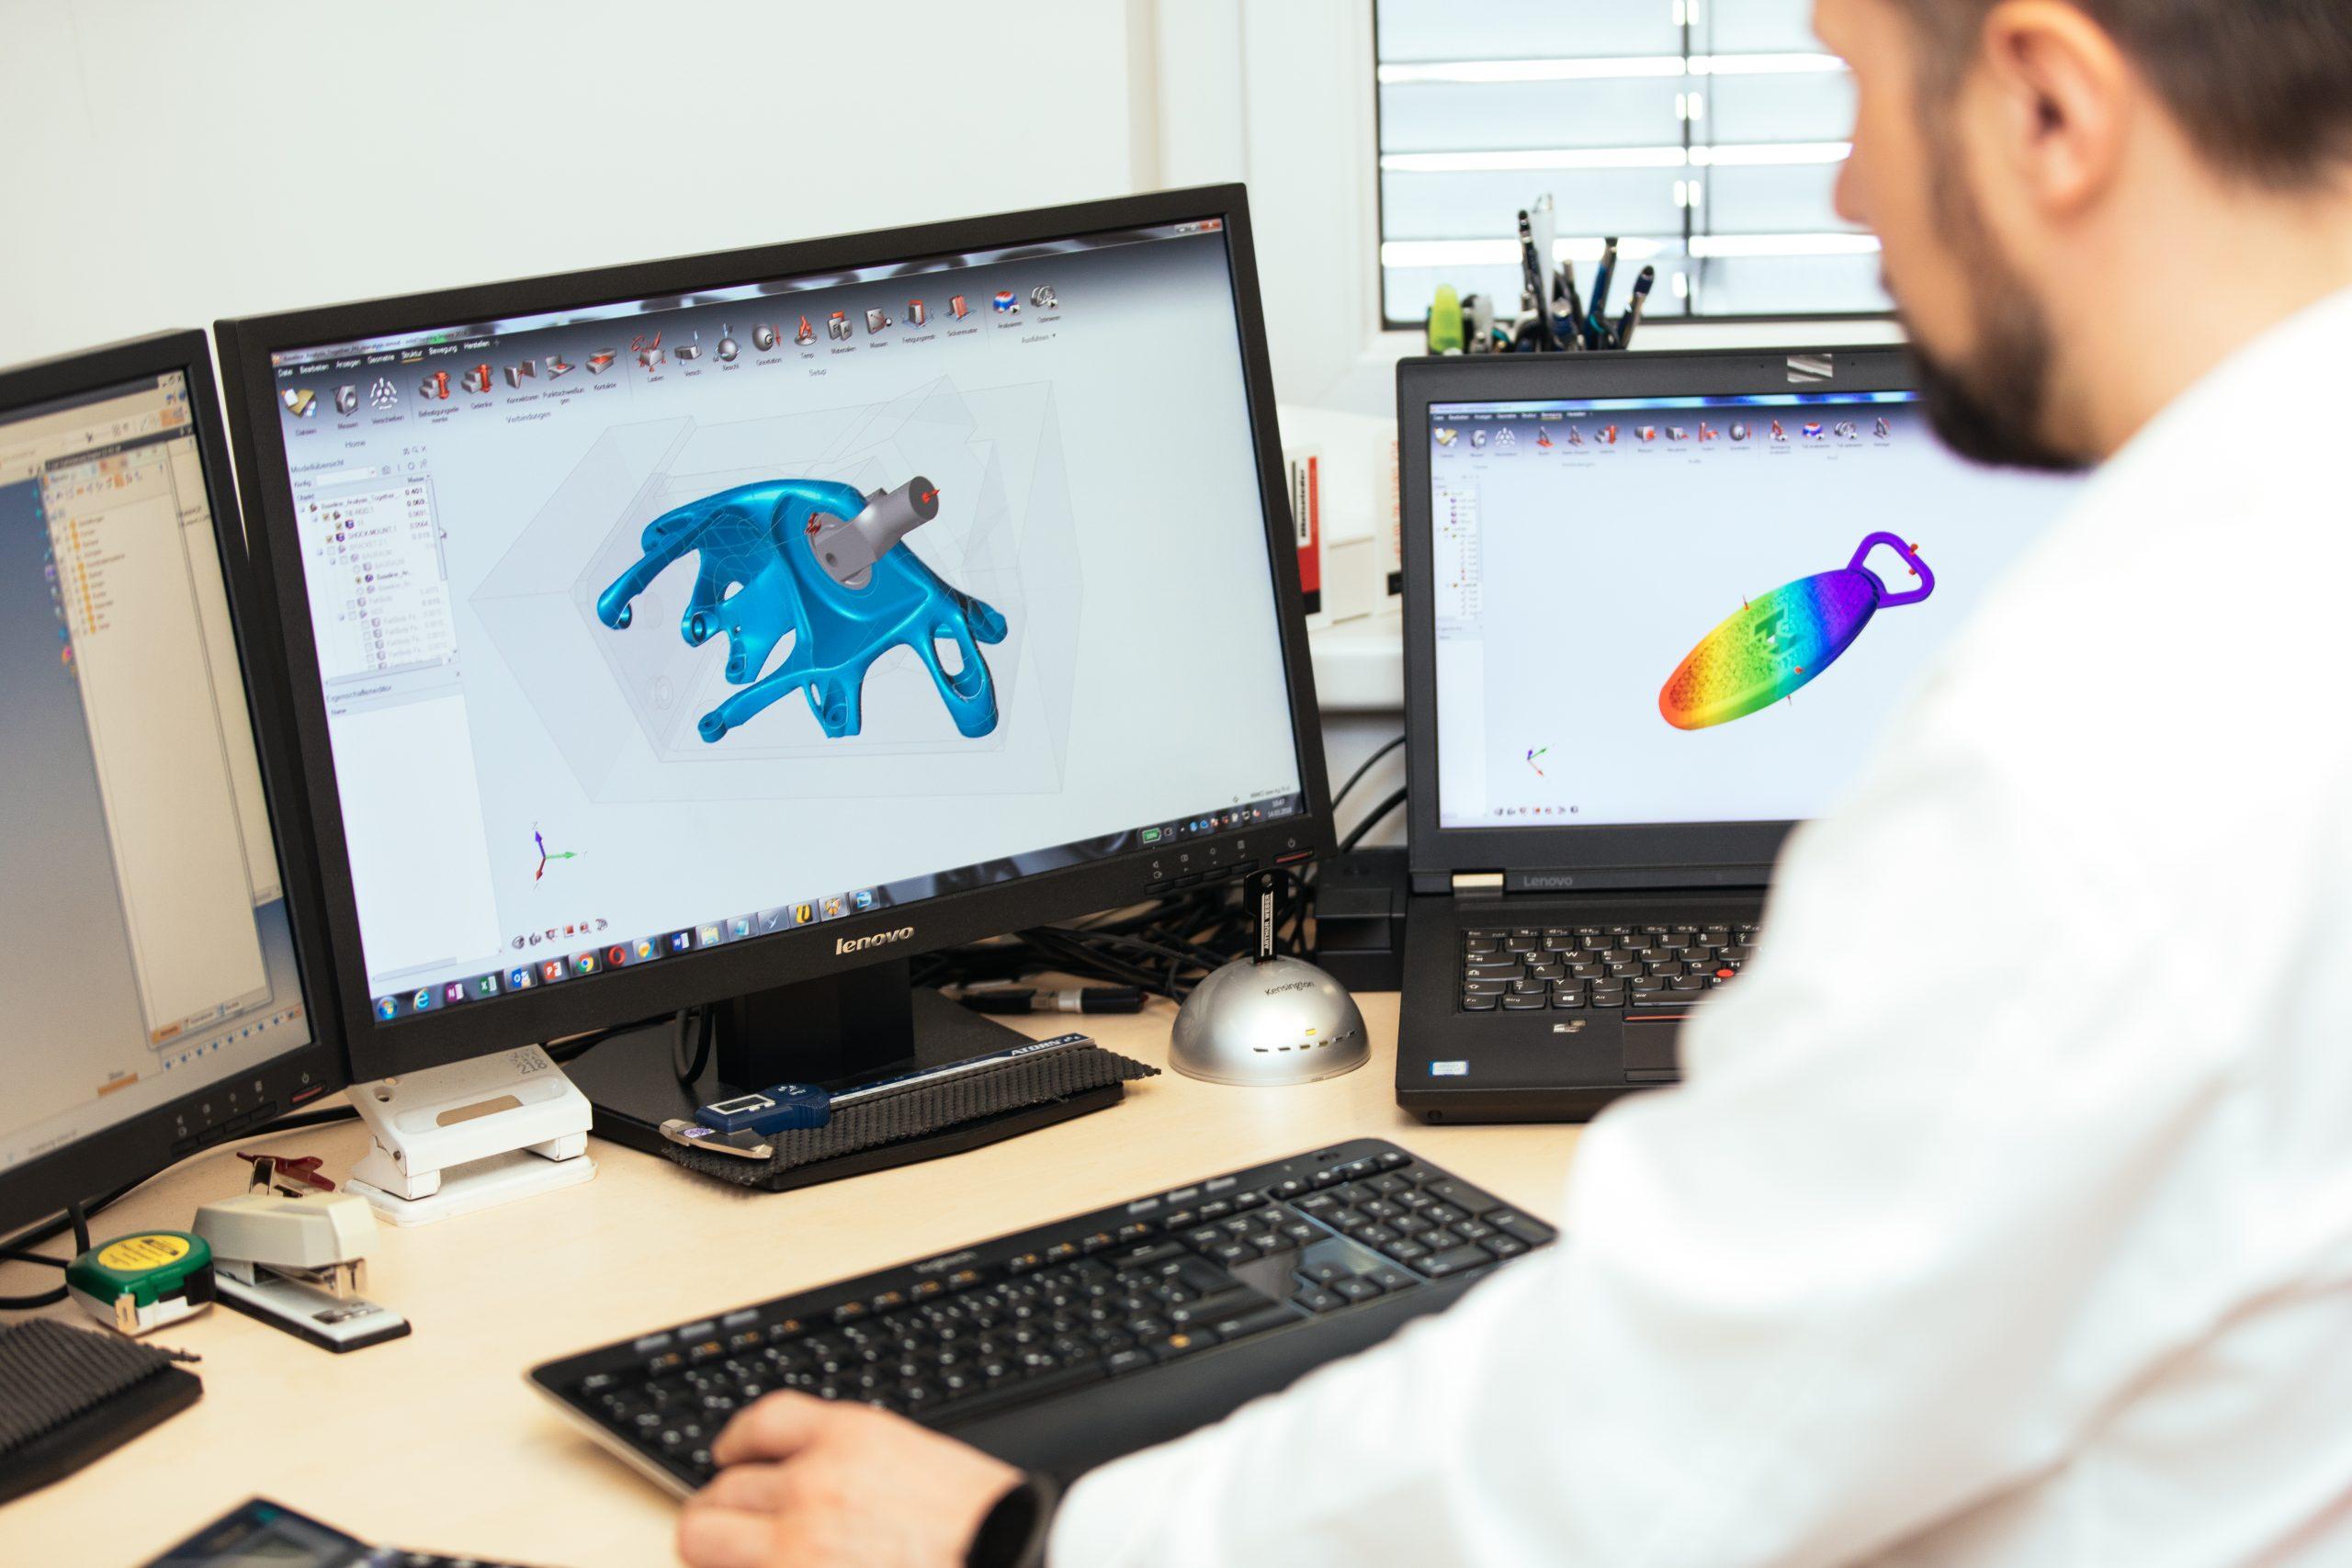 In der Software denken die Ilzer Funktionen und Bauteile neu, bevor sie in Druck gehen. (Credit: M&H)